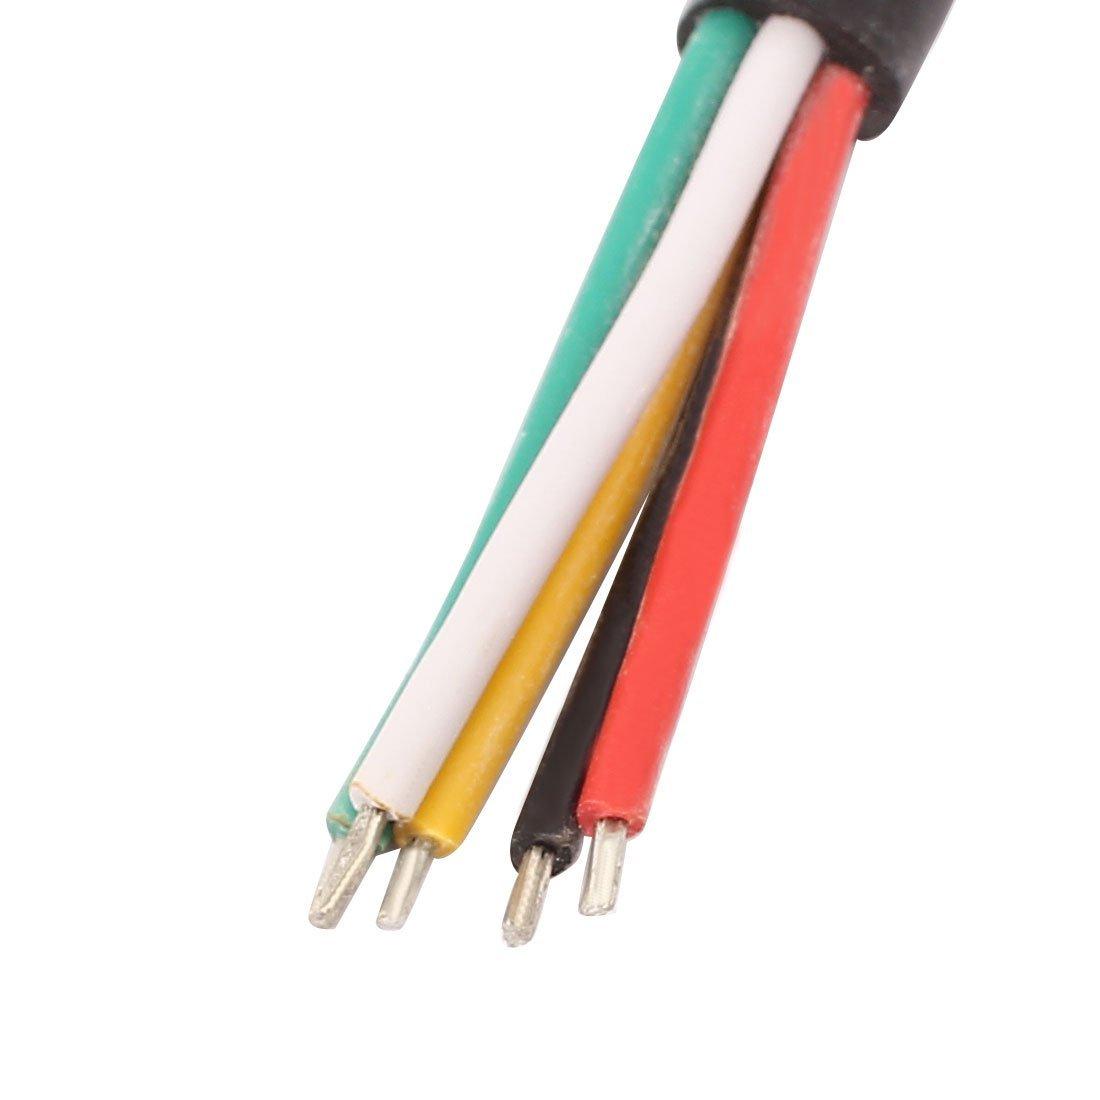 eDealMax 2 Par 5P de 0, 5 mm a prueba de agua del adaptador del conectador macho a hembra Cable para LED - - Amazon.com